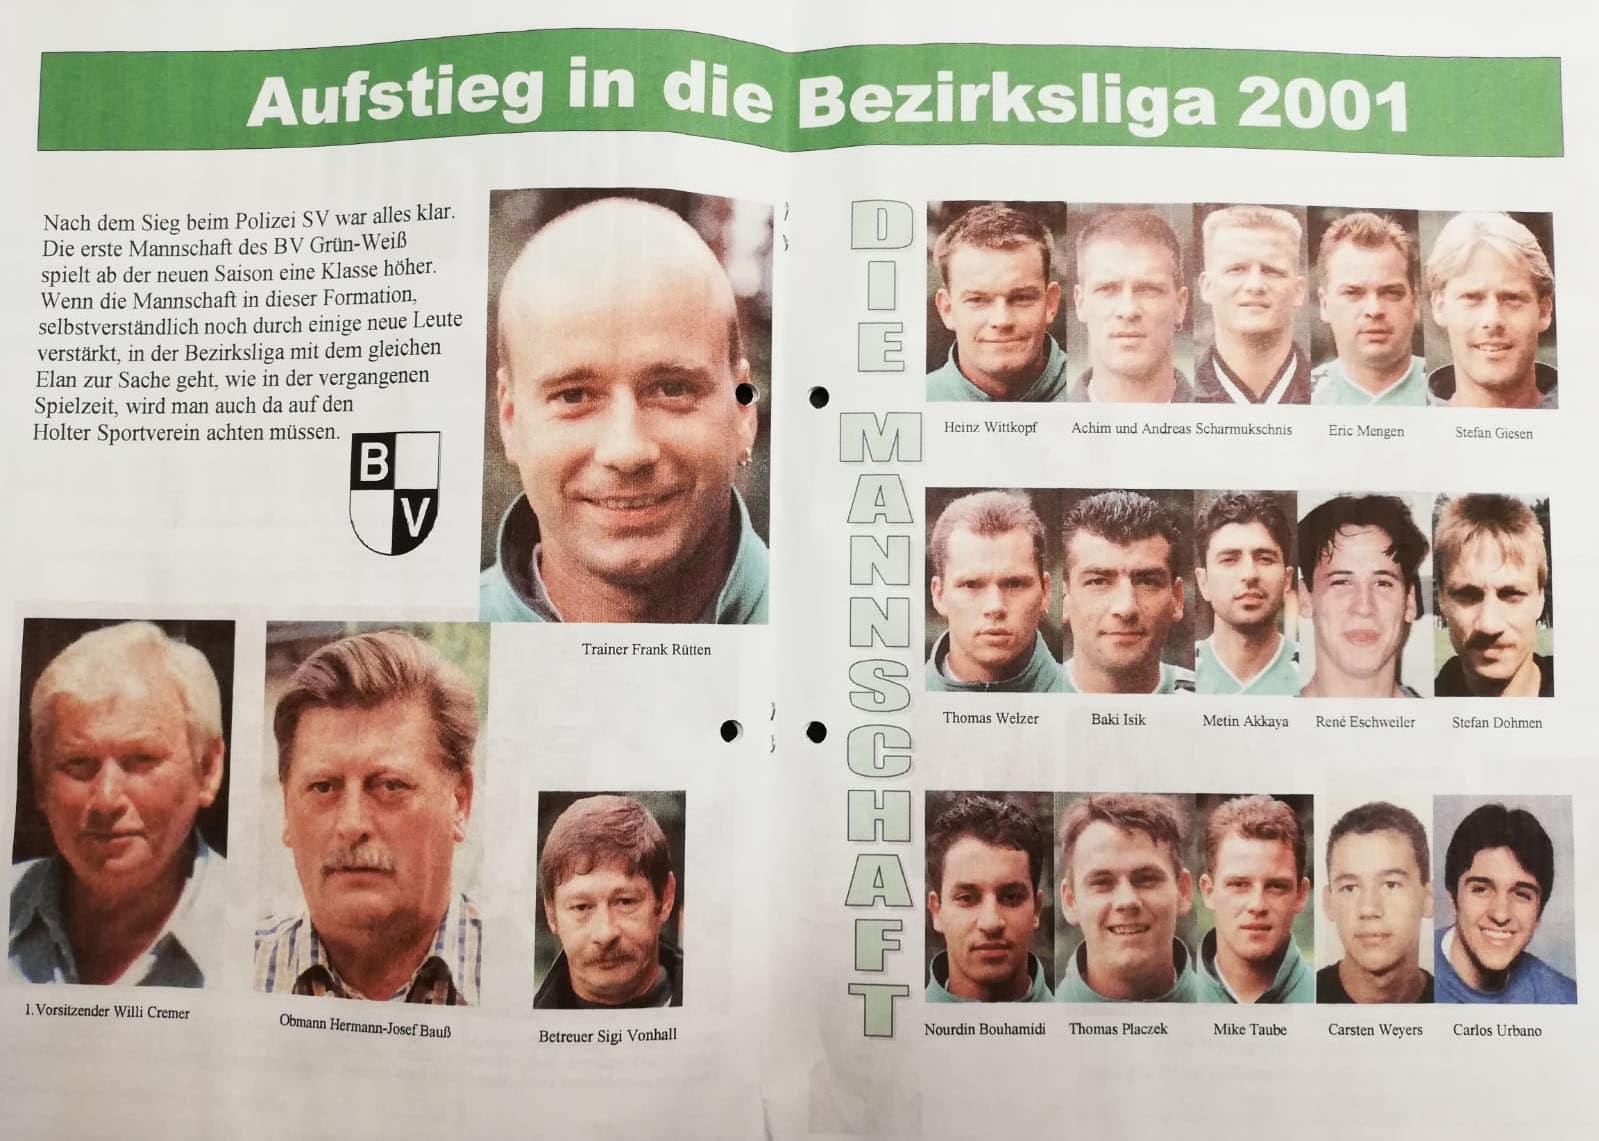 Aufstieg 2001